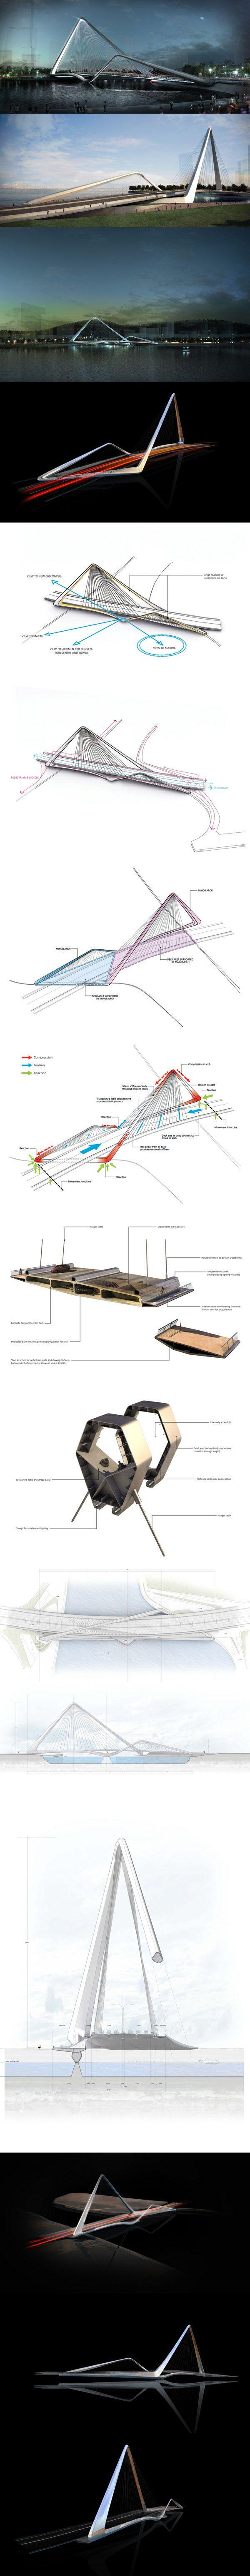 Design Team – Buro Happold - 10 DESIGN